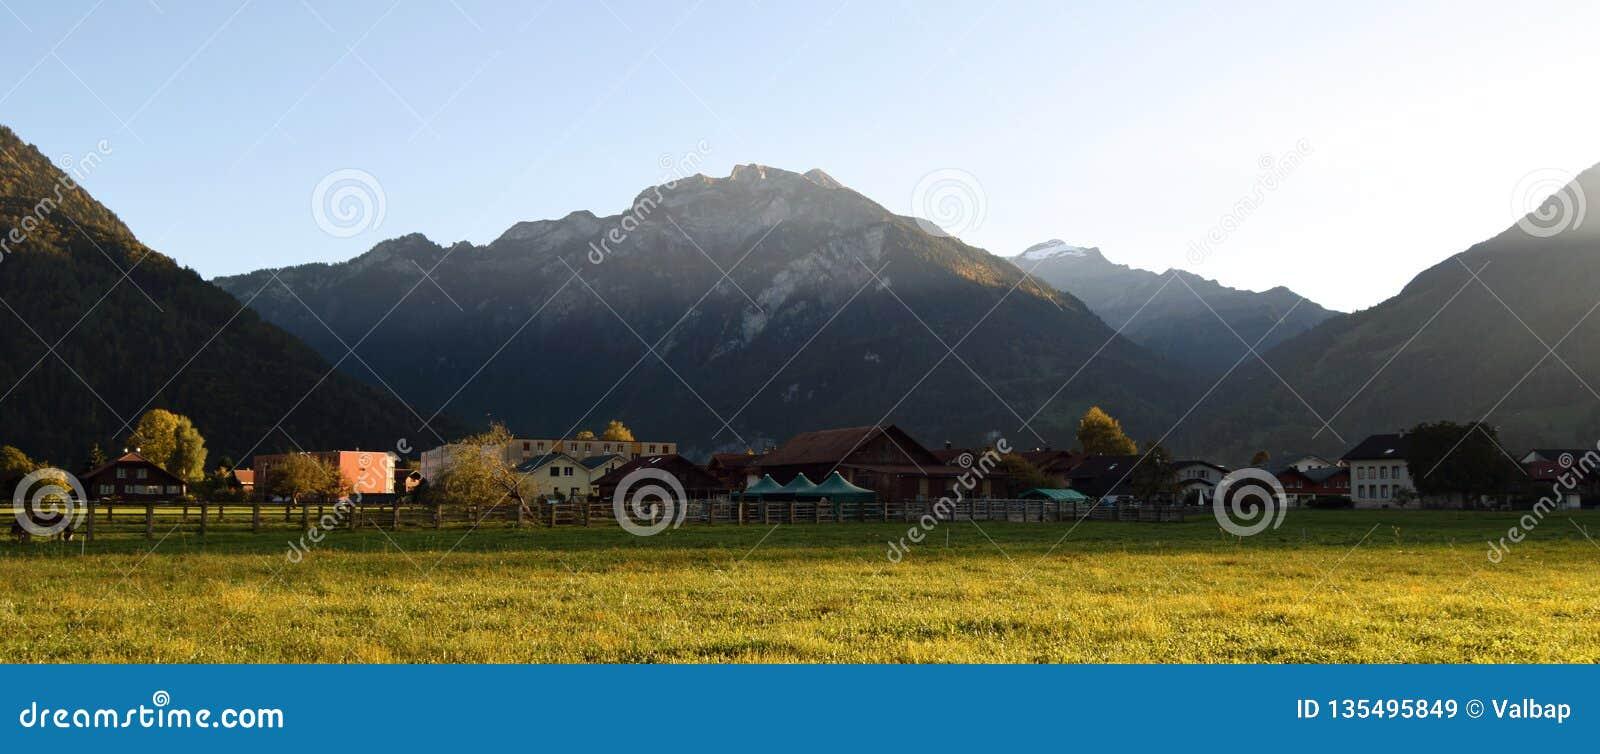 Landschap met gras, bergen, huizen, bomen en paarden